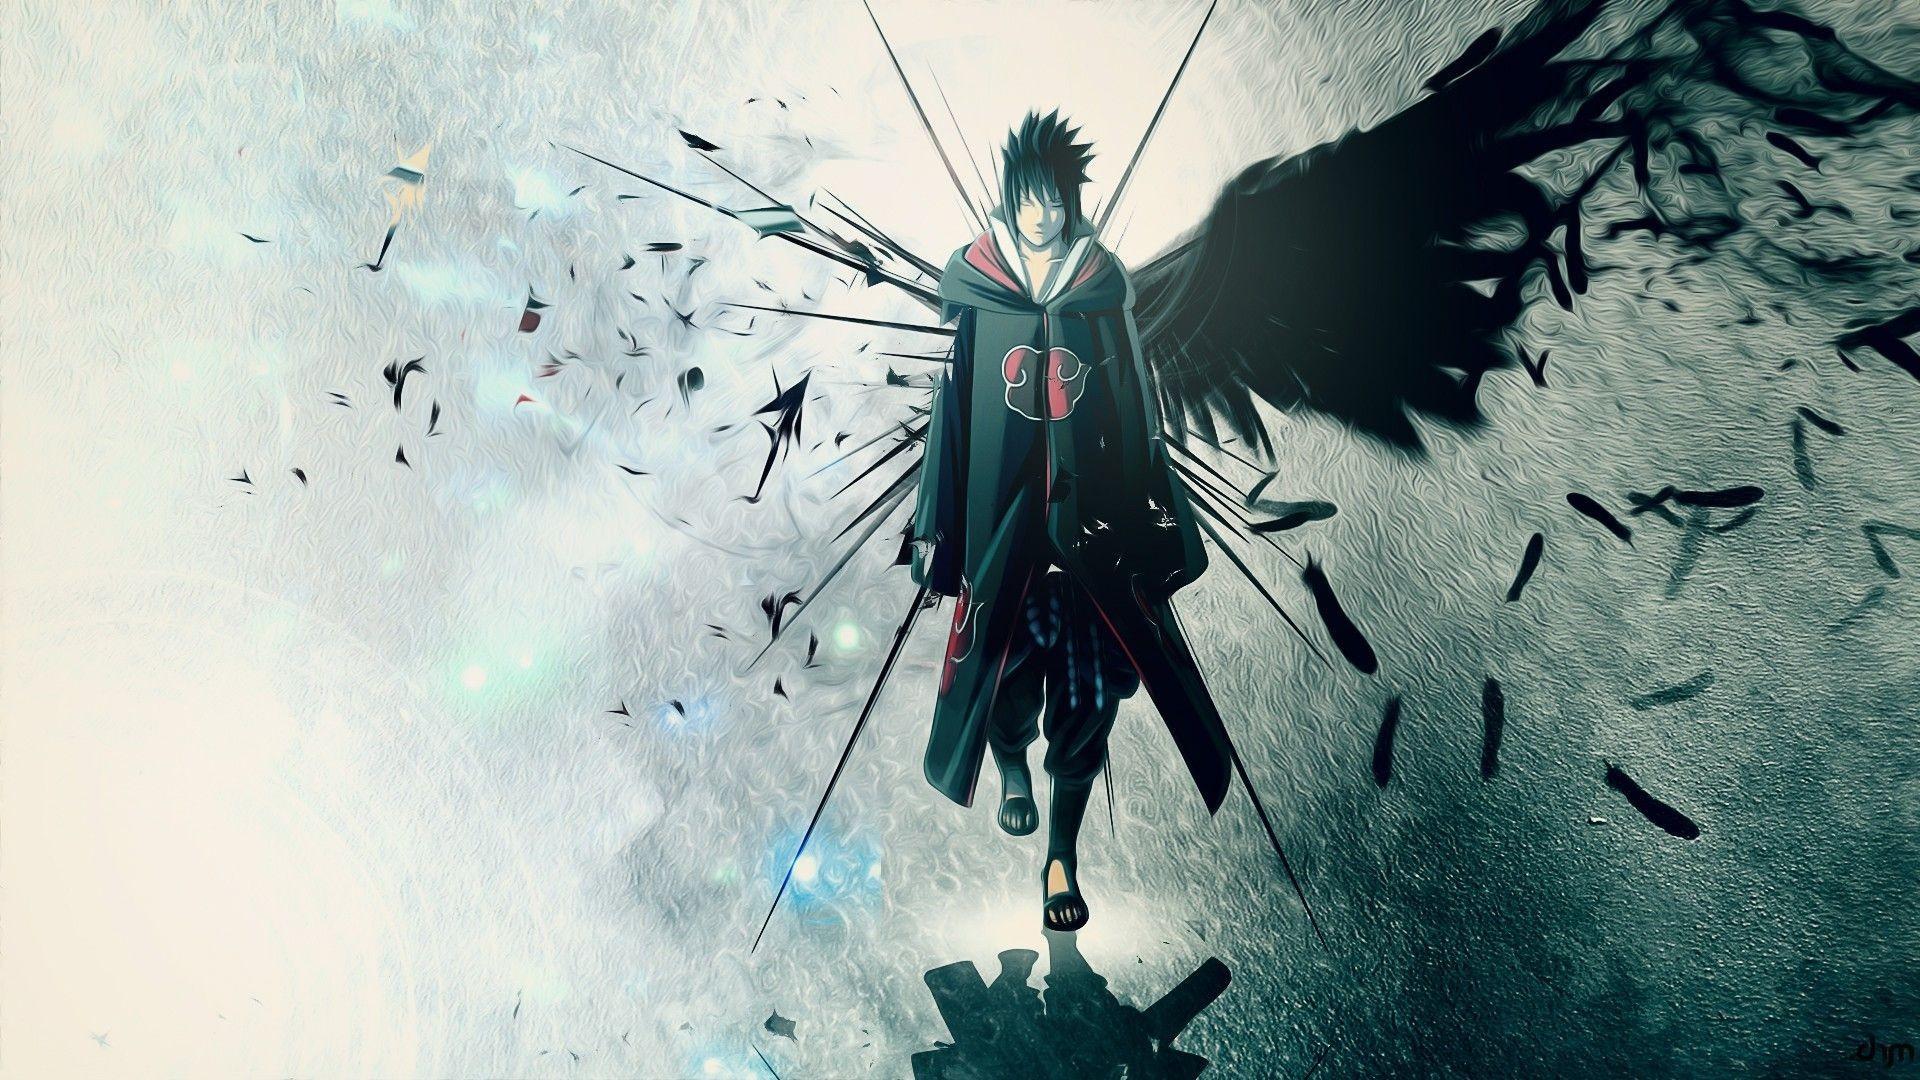 Uchiha Sasuke – Naruto Shippuden Wallpaper – Download